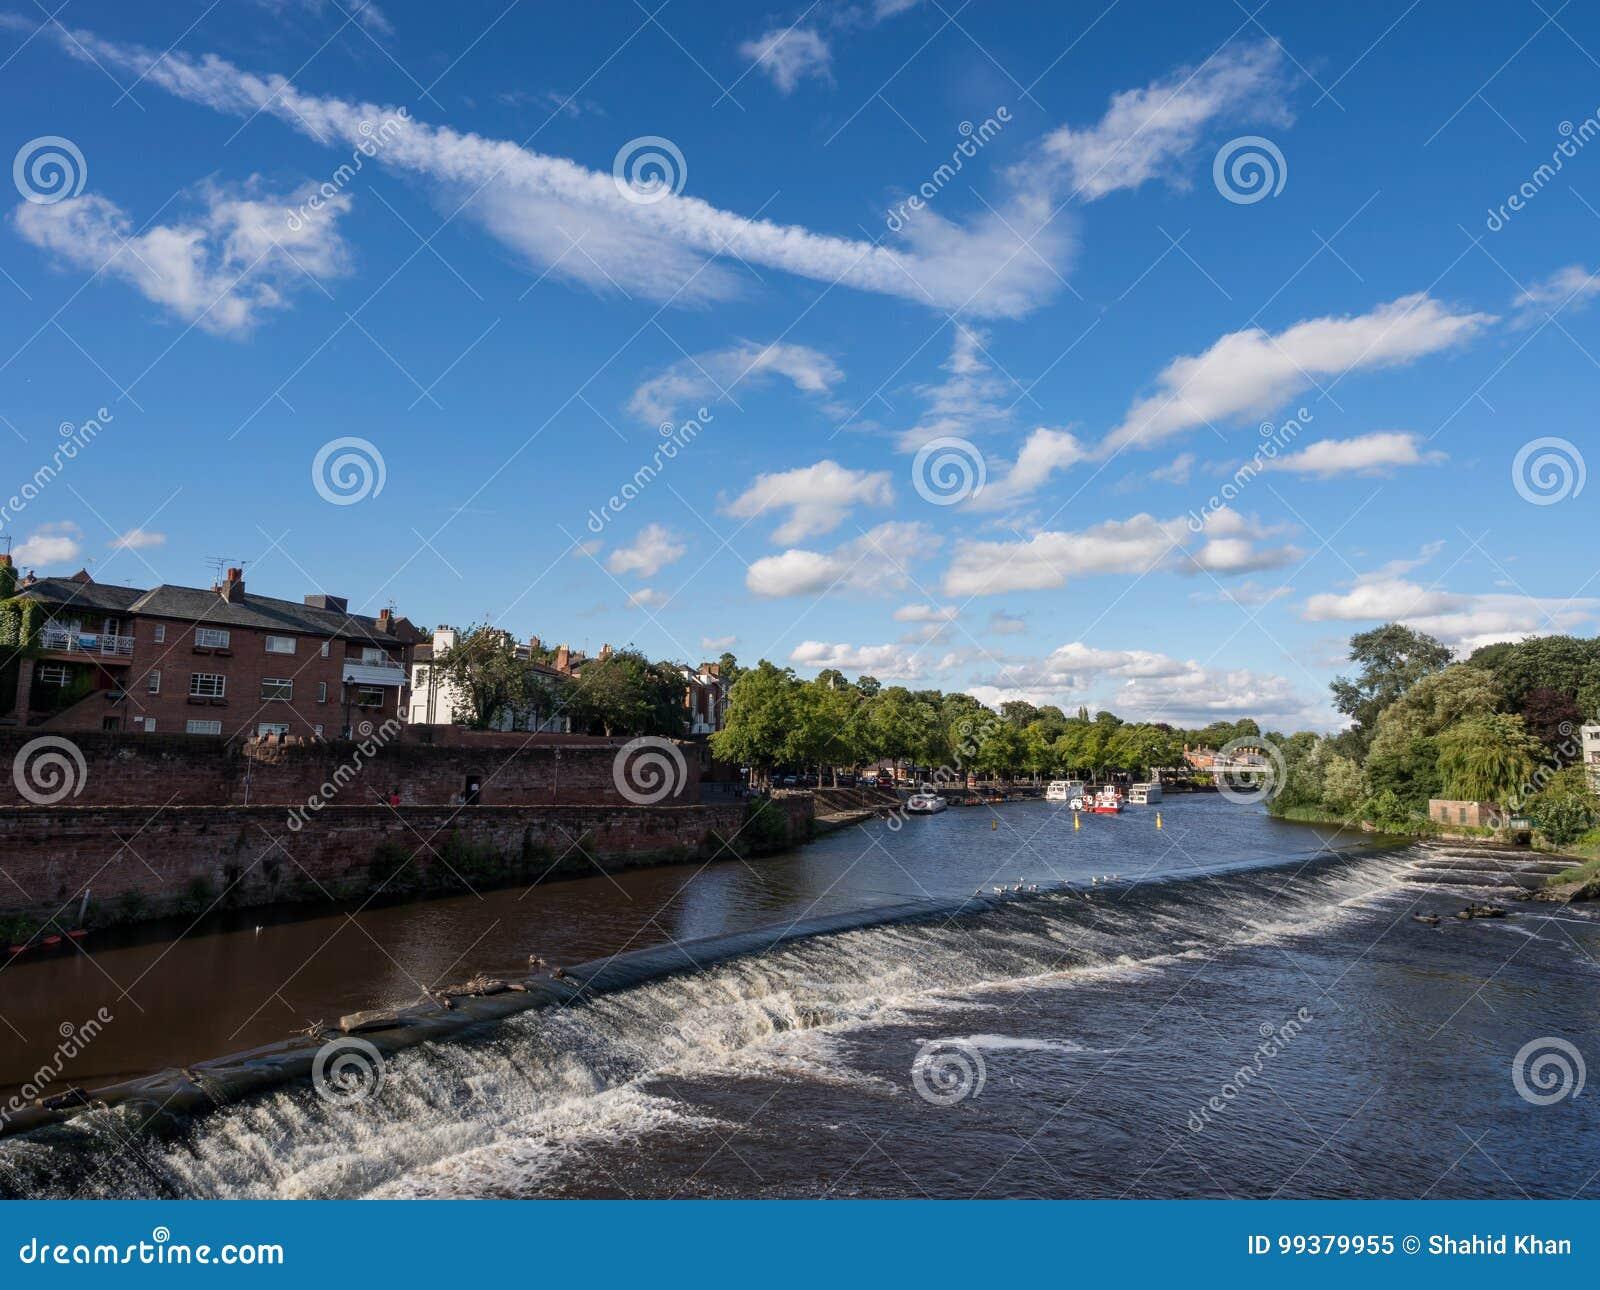 Chester City UK